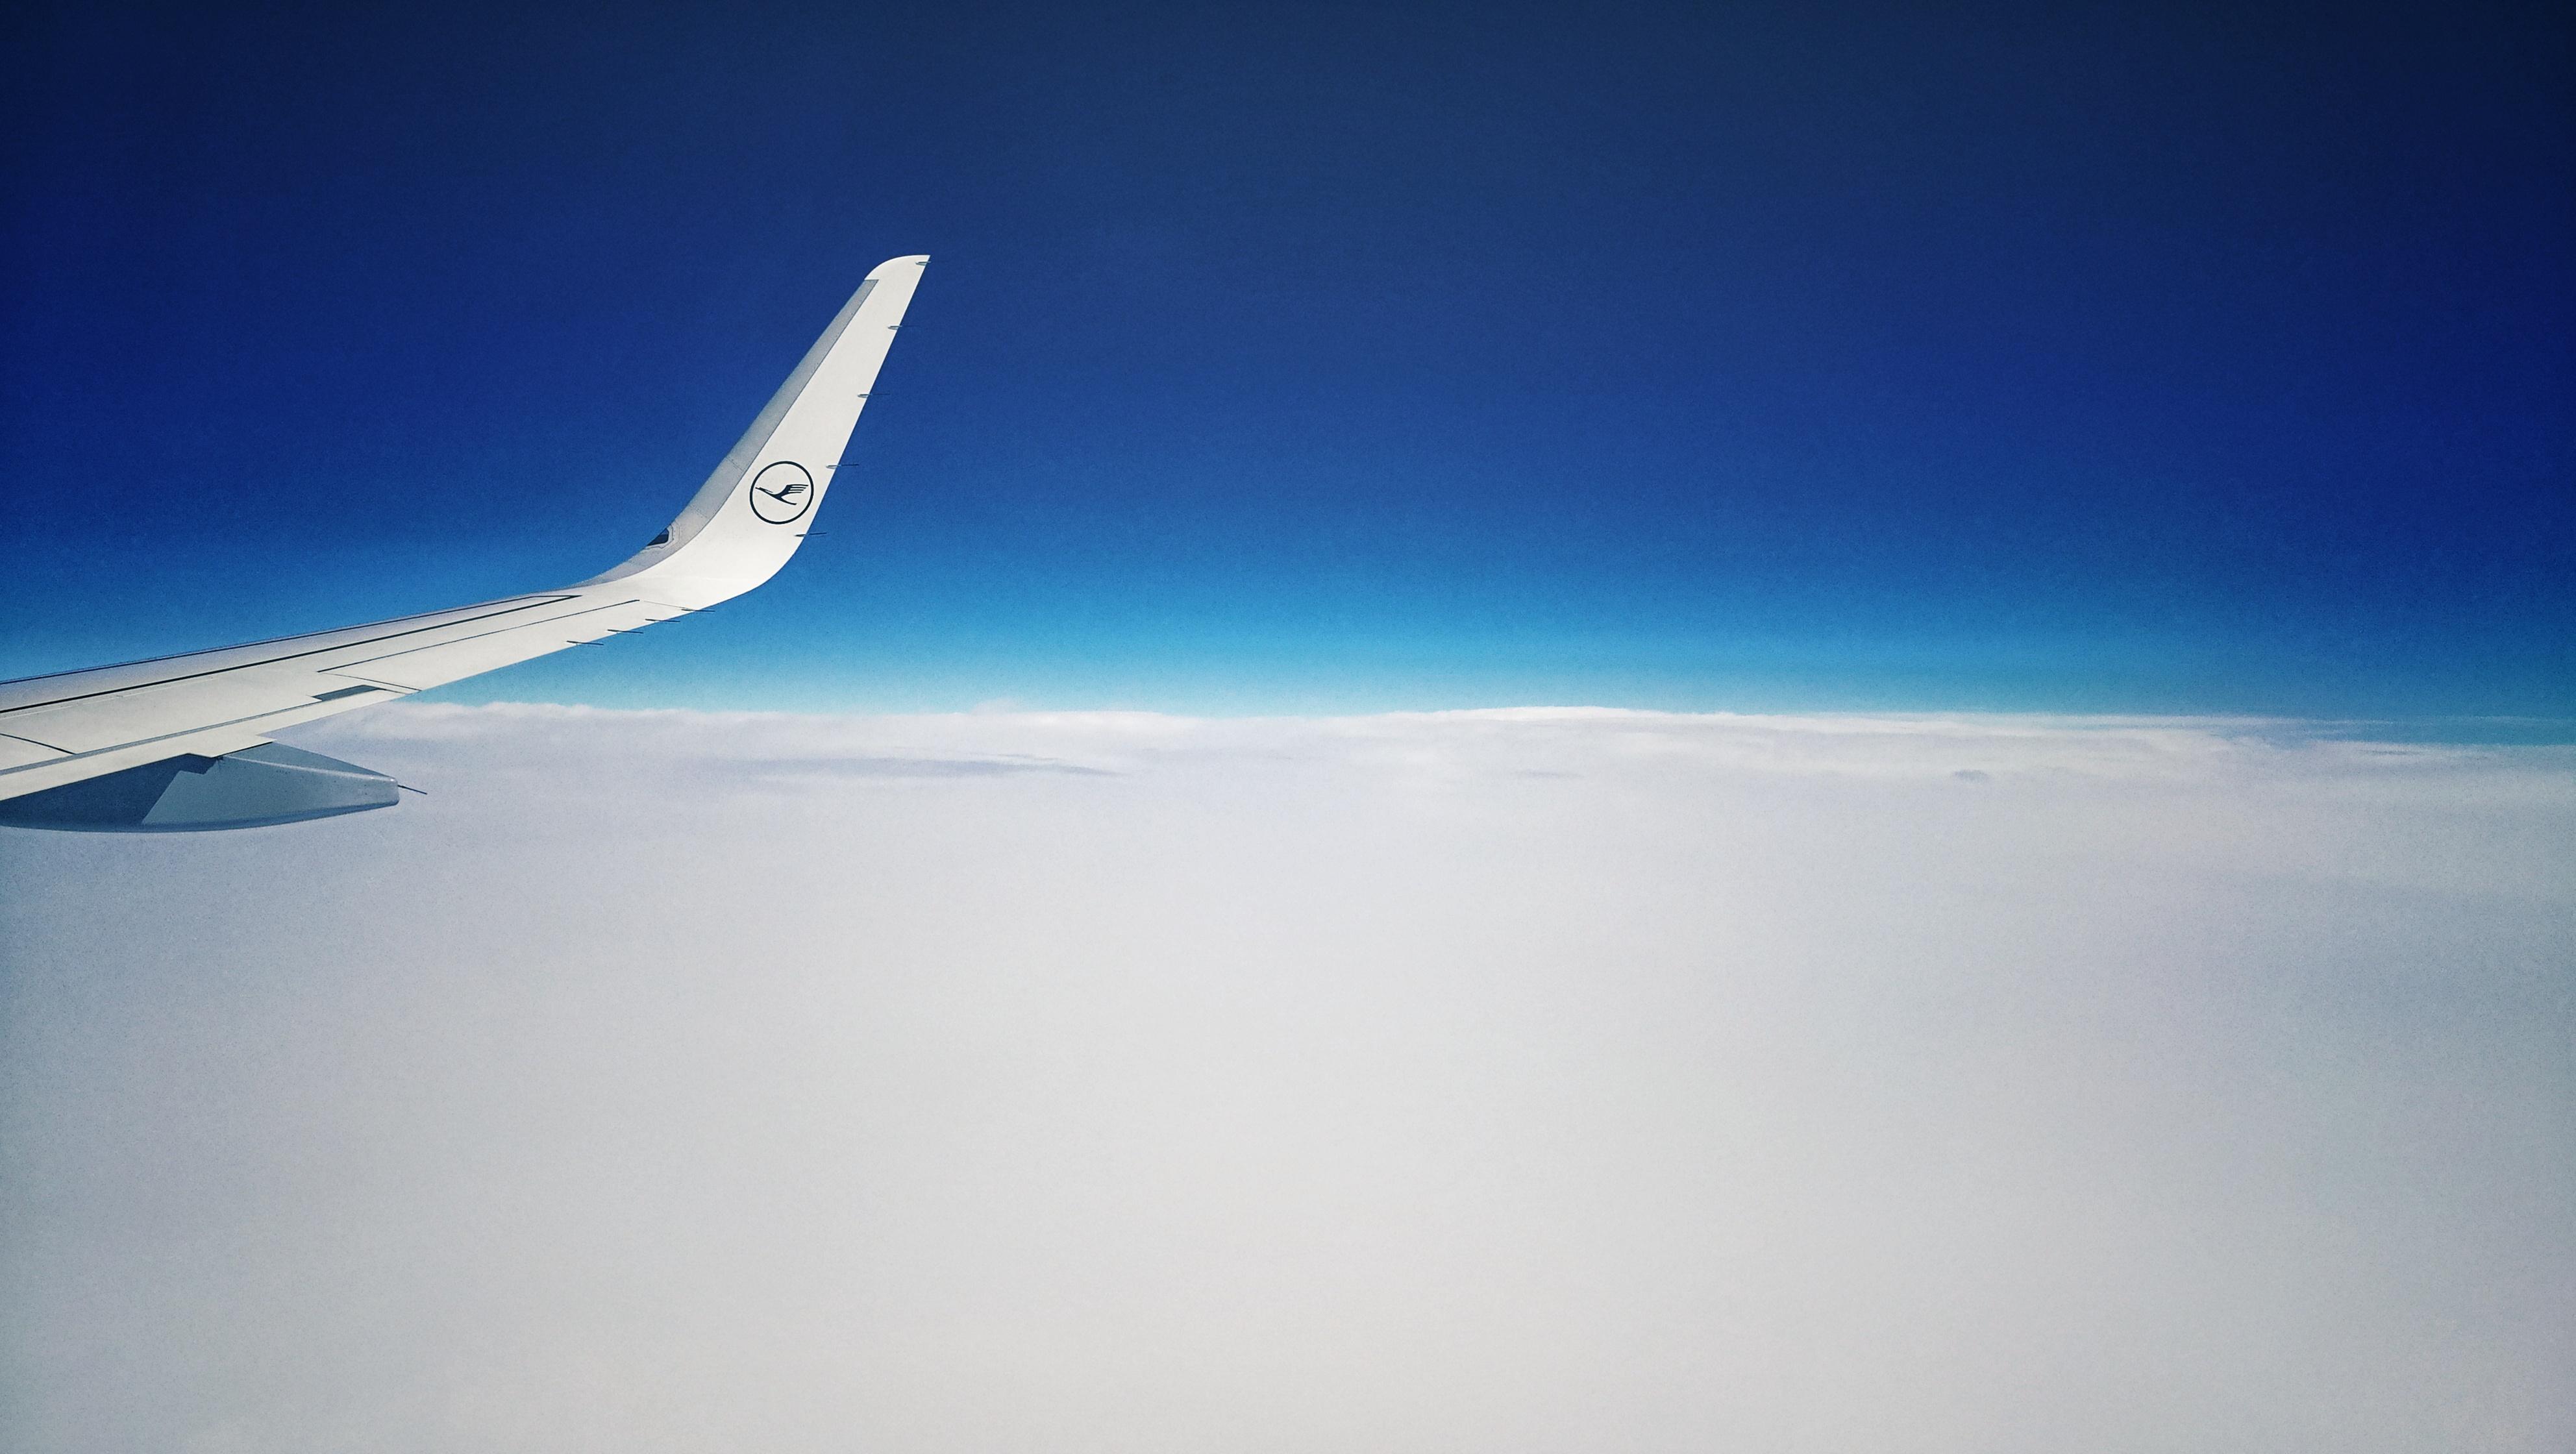 Airborne 7